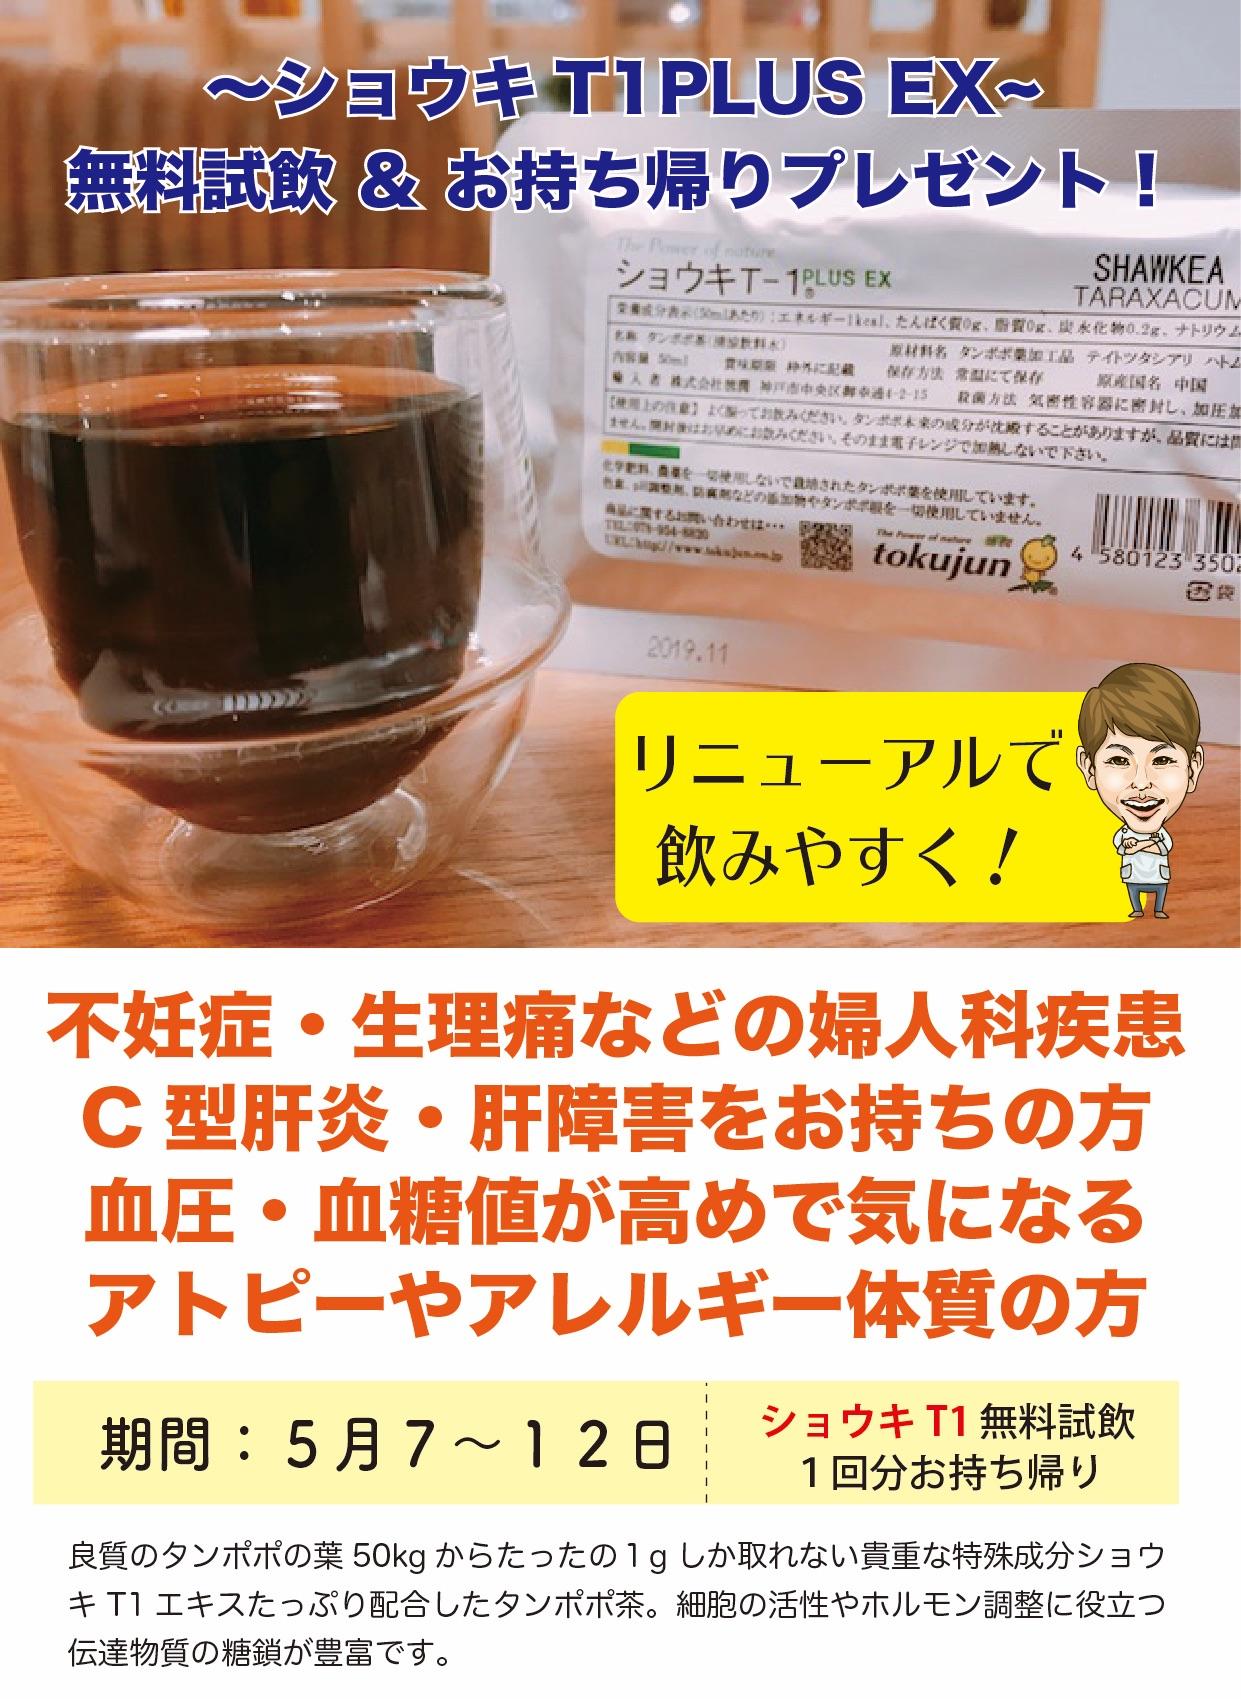 究極のタンポポ茶「ショウキT-1PLUS EX」ご存知ですか?